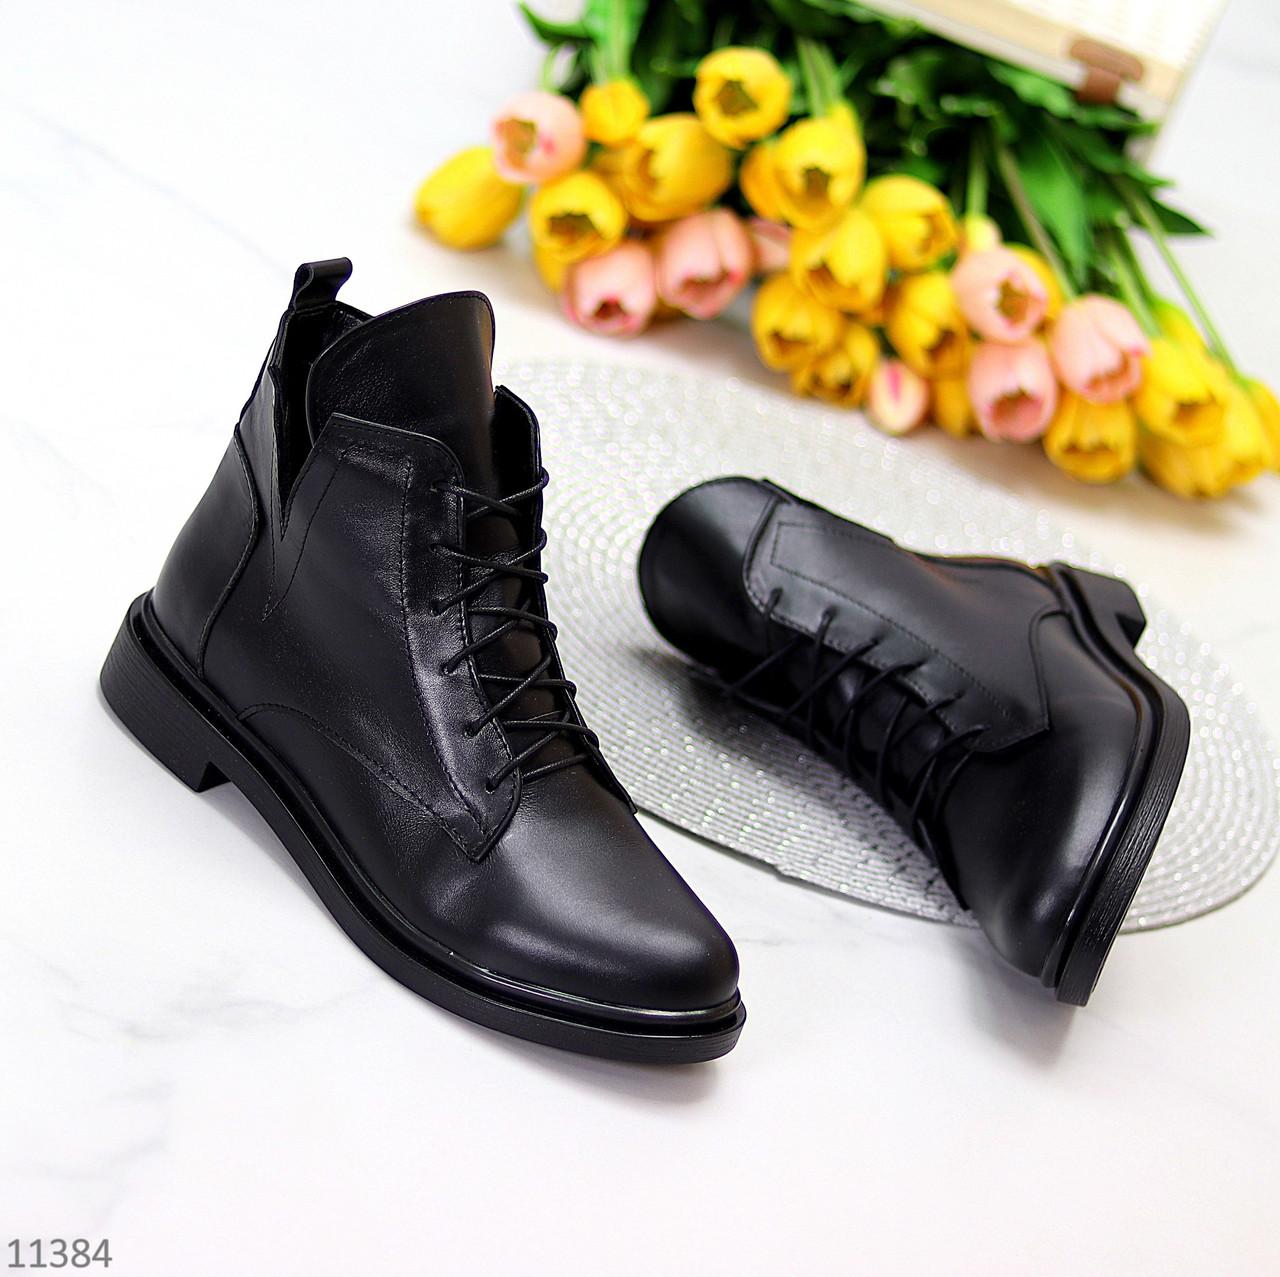 Модельные кожаные черные женские ботинки натуральная кожа на флисе шнуровка